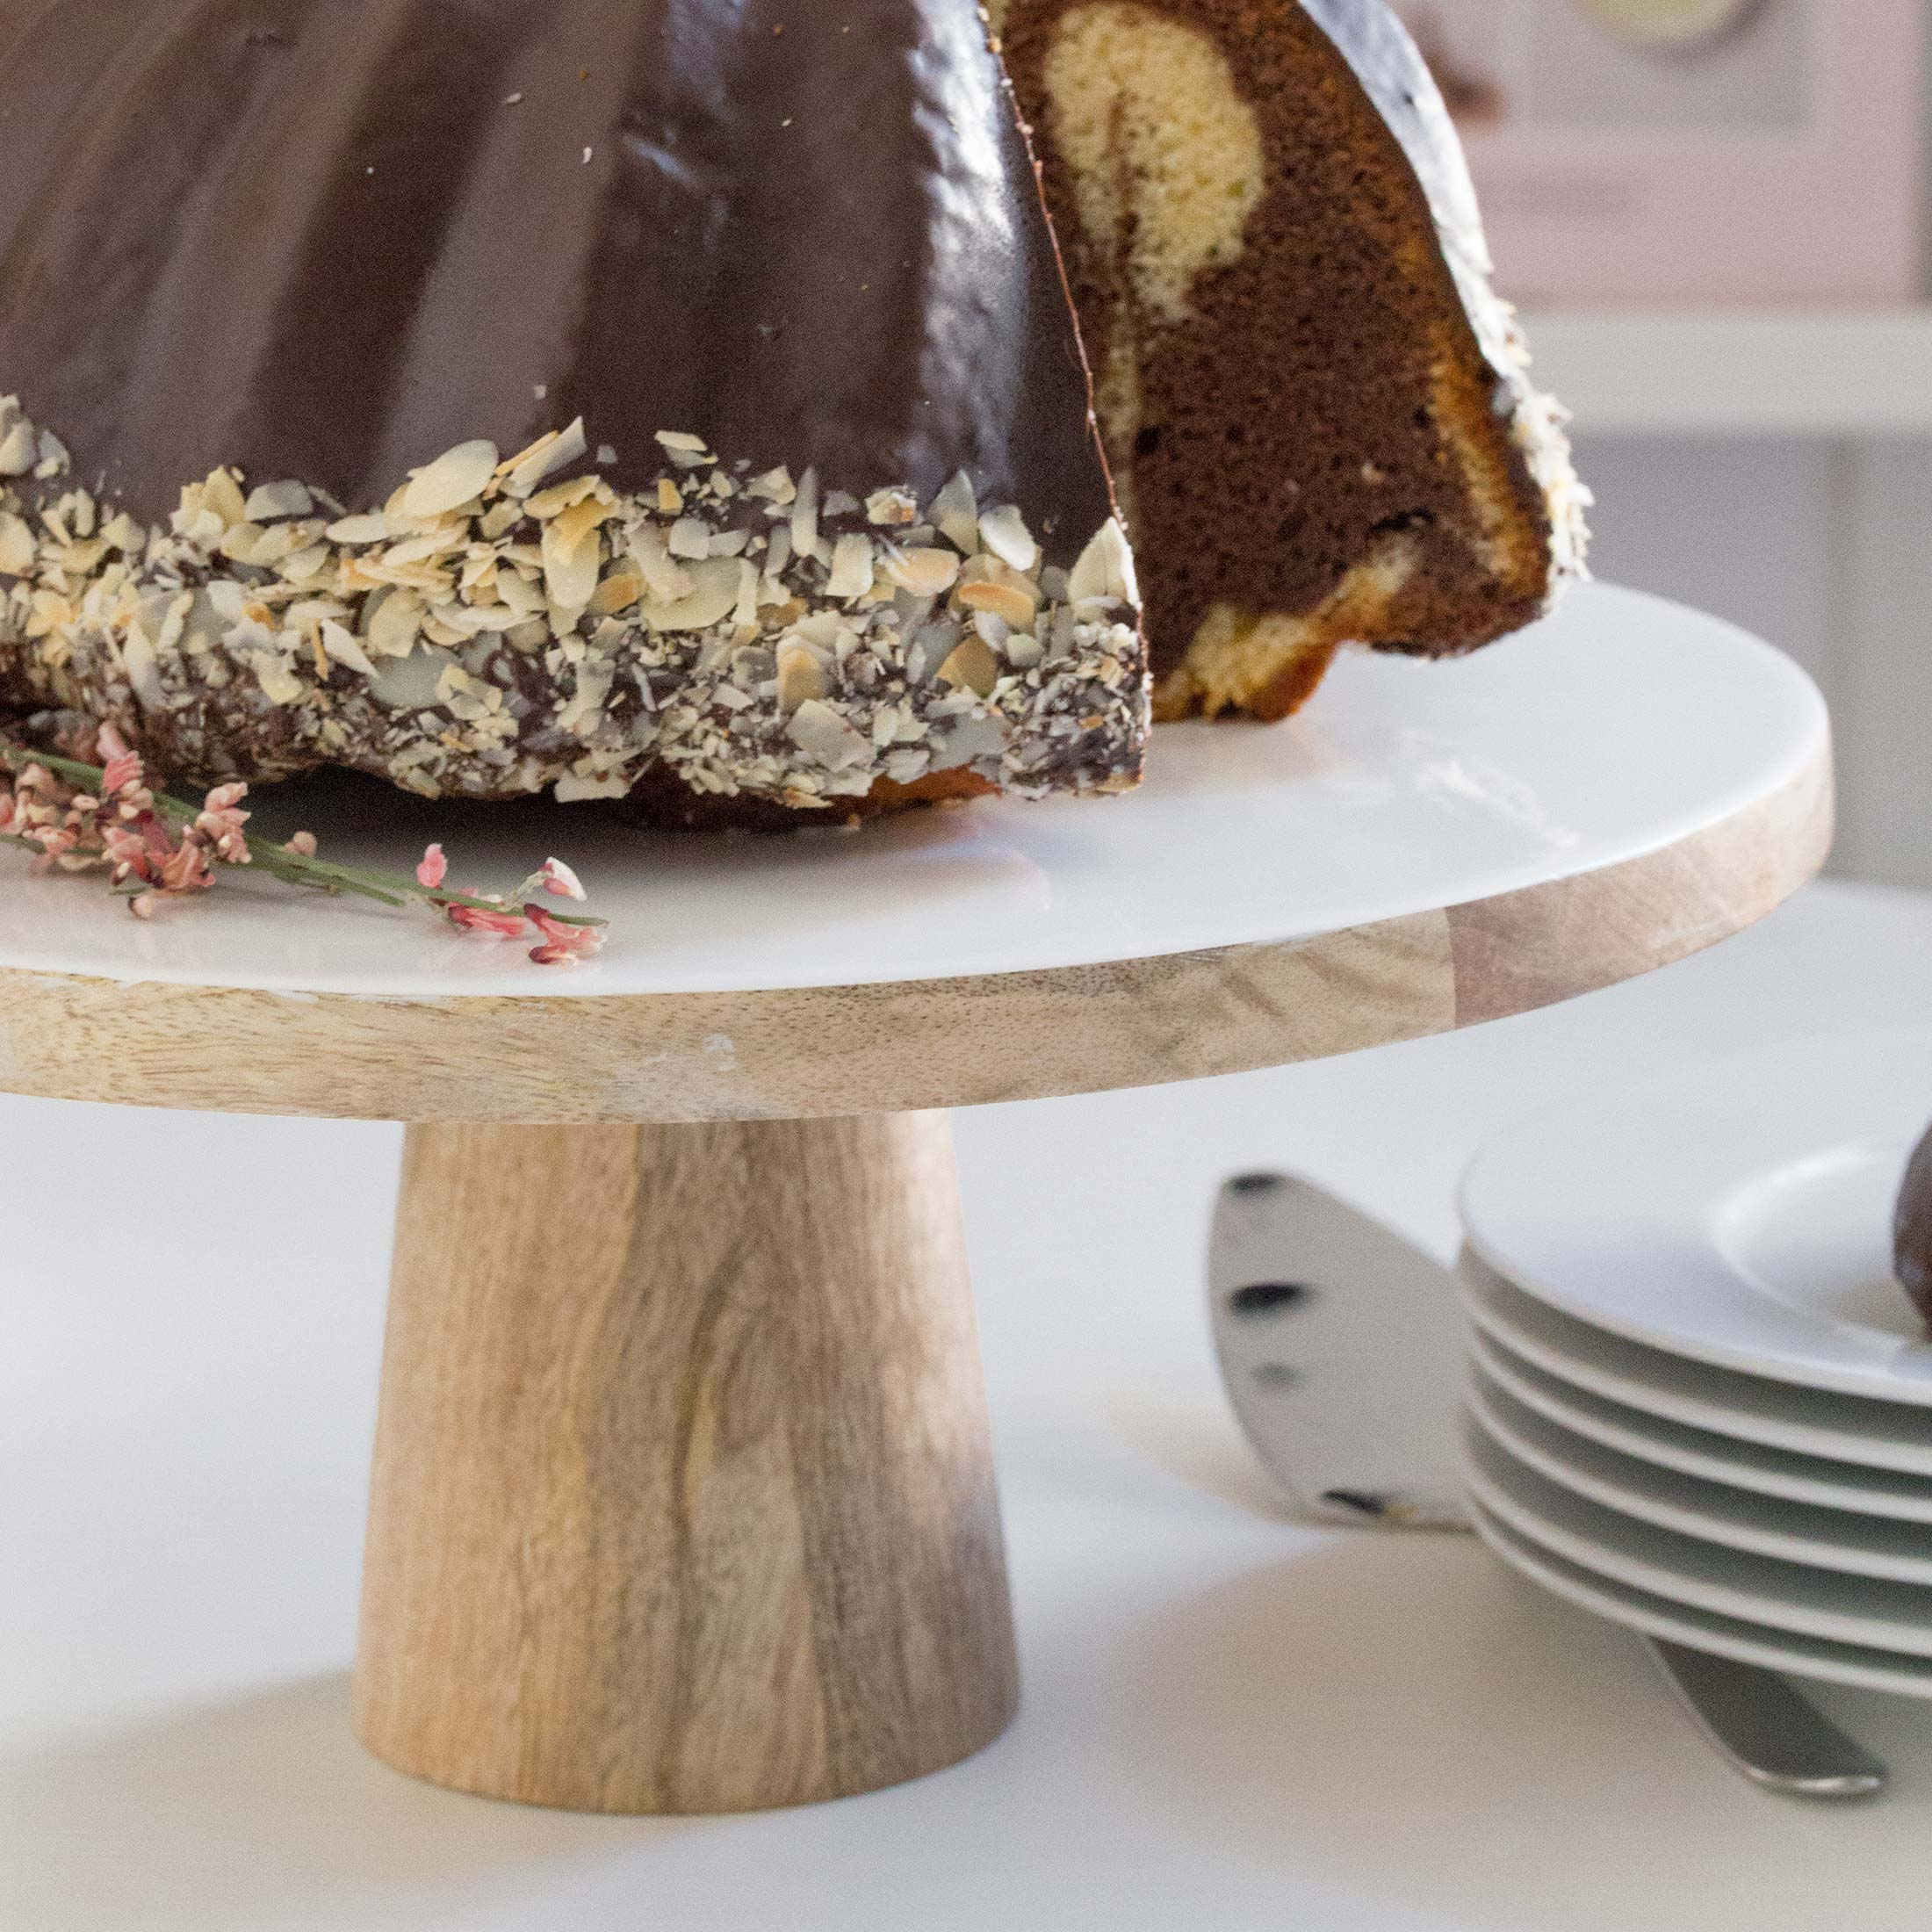 Tortenständer aus Emaille und Mangoholz im skandinavischen Stil für Kuchen und Torte mit 30 cm Durchmesser. Die Kobination der beiden Materialien ist außergewöhnlich und edel